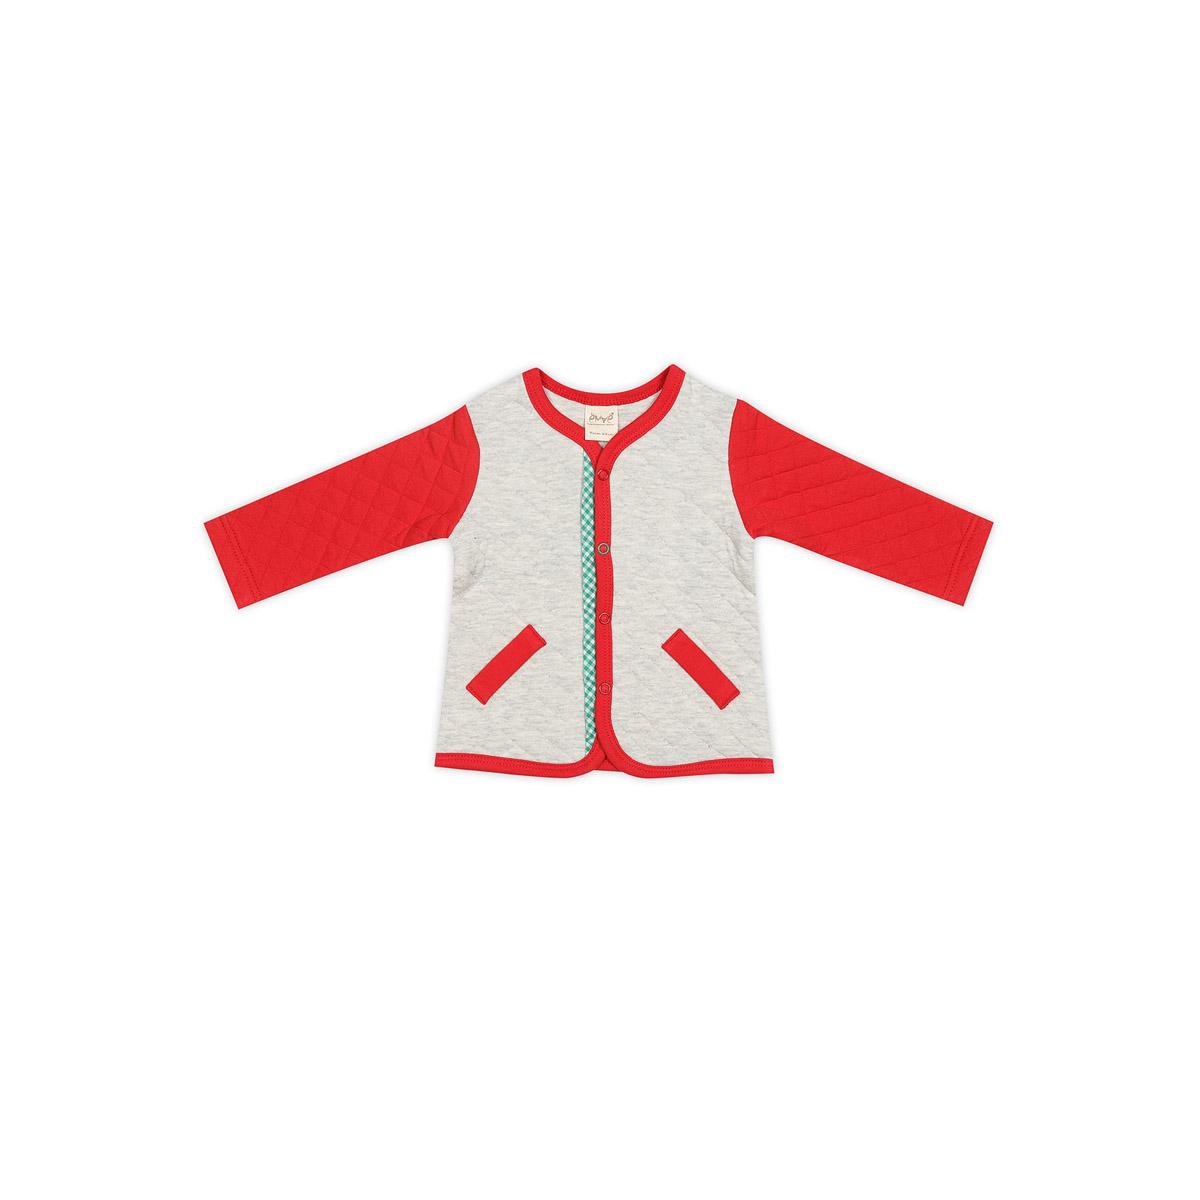 Жакет Емаё Хохлома (25-805) рост 86 светло серый меланж с красным<br>